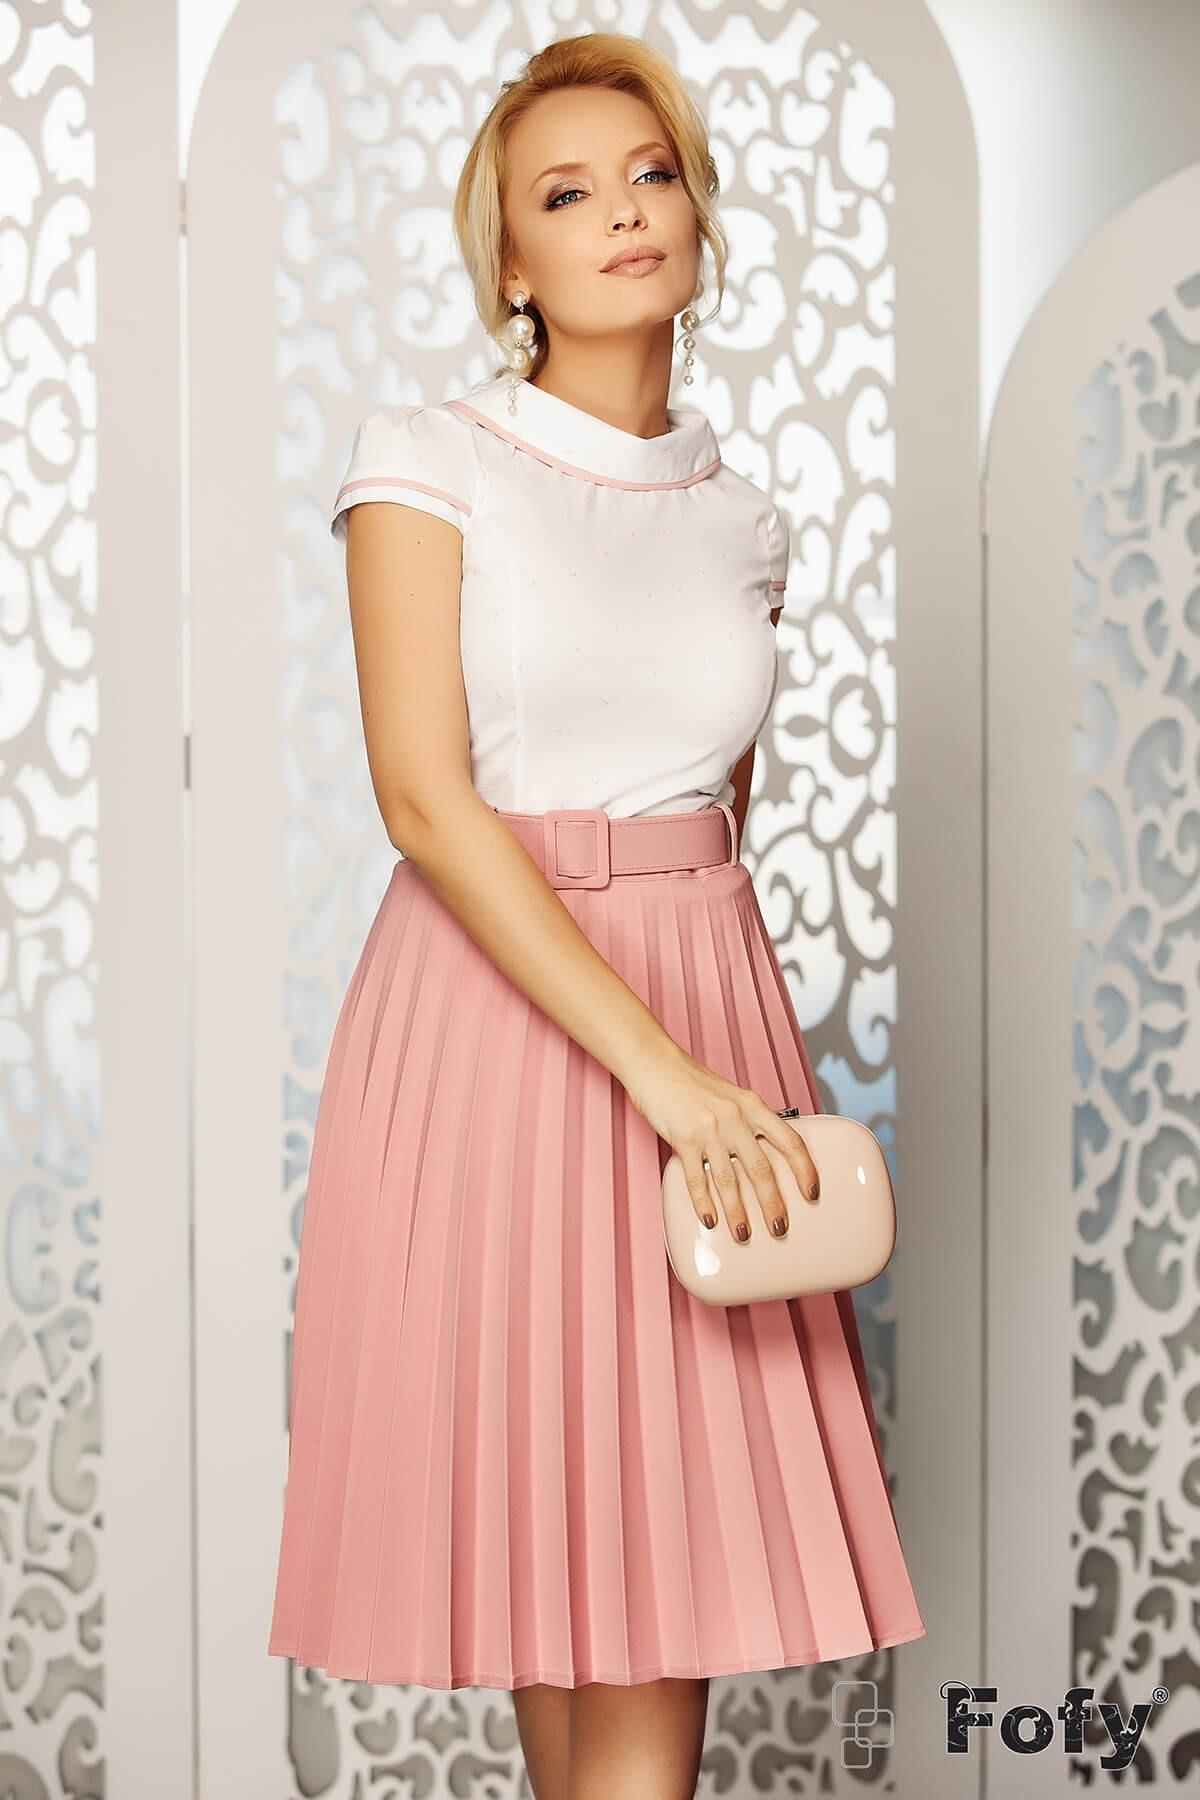 Bluza dama eleganta alba cu imprimeu flamingo roz pal Fofy